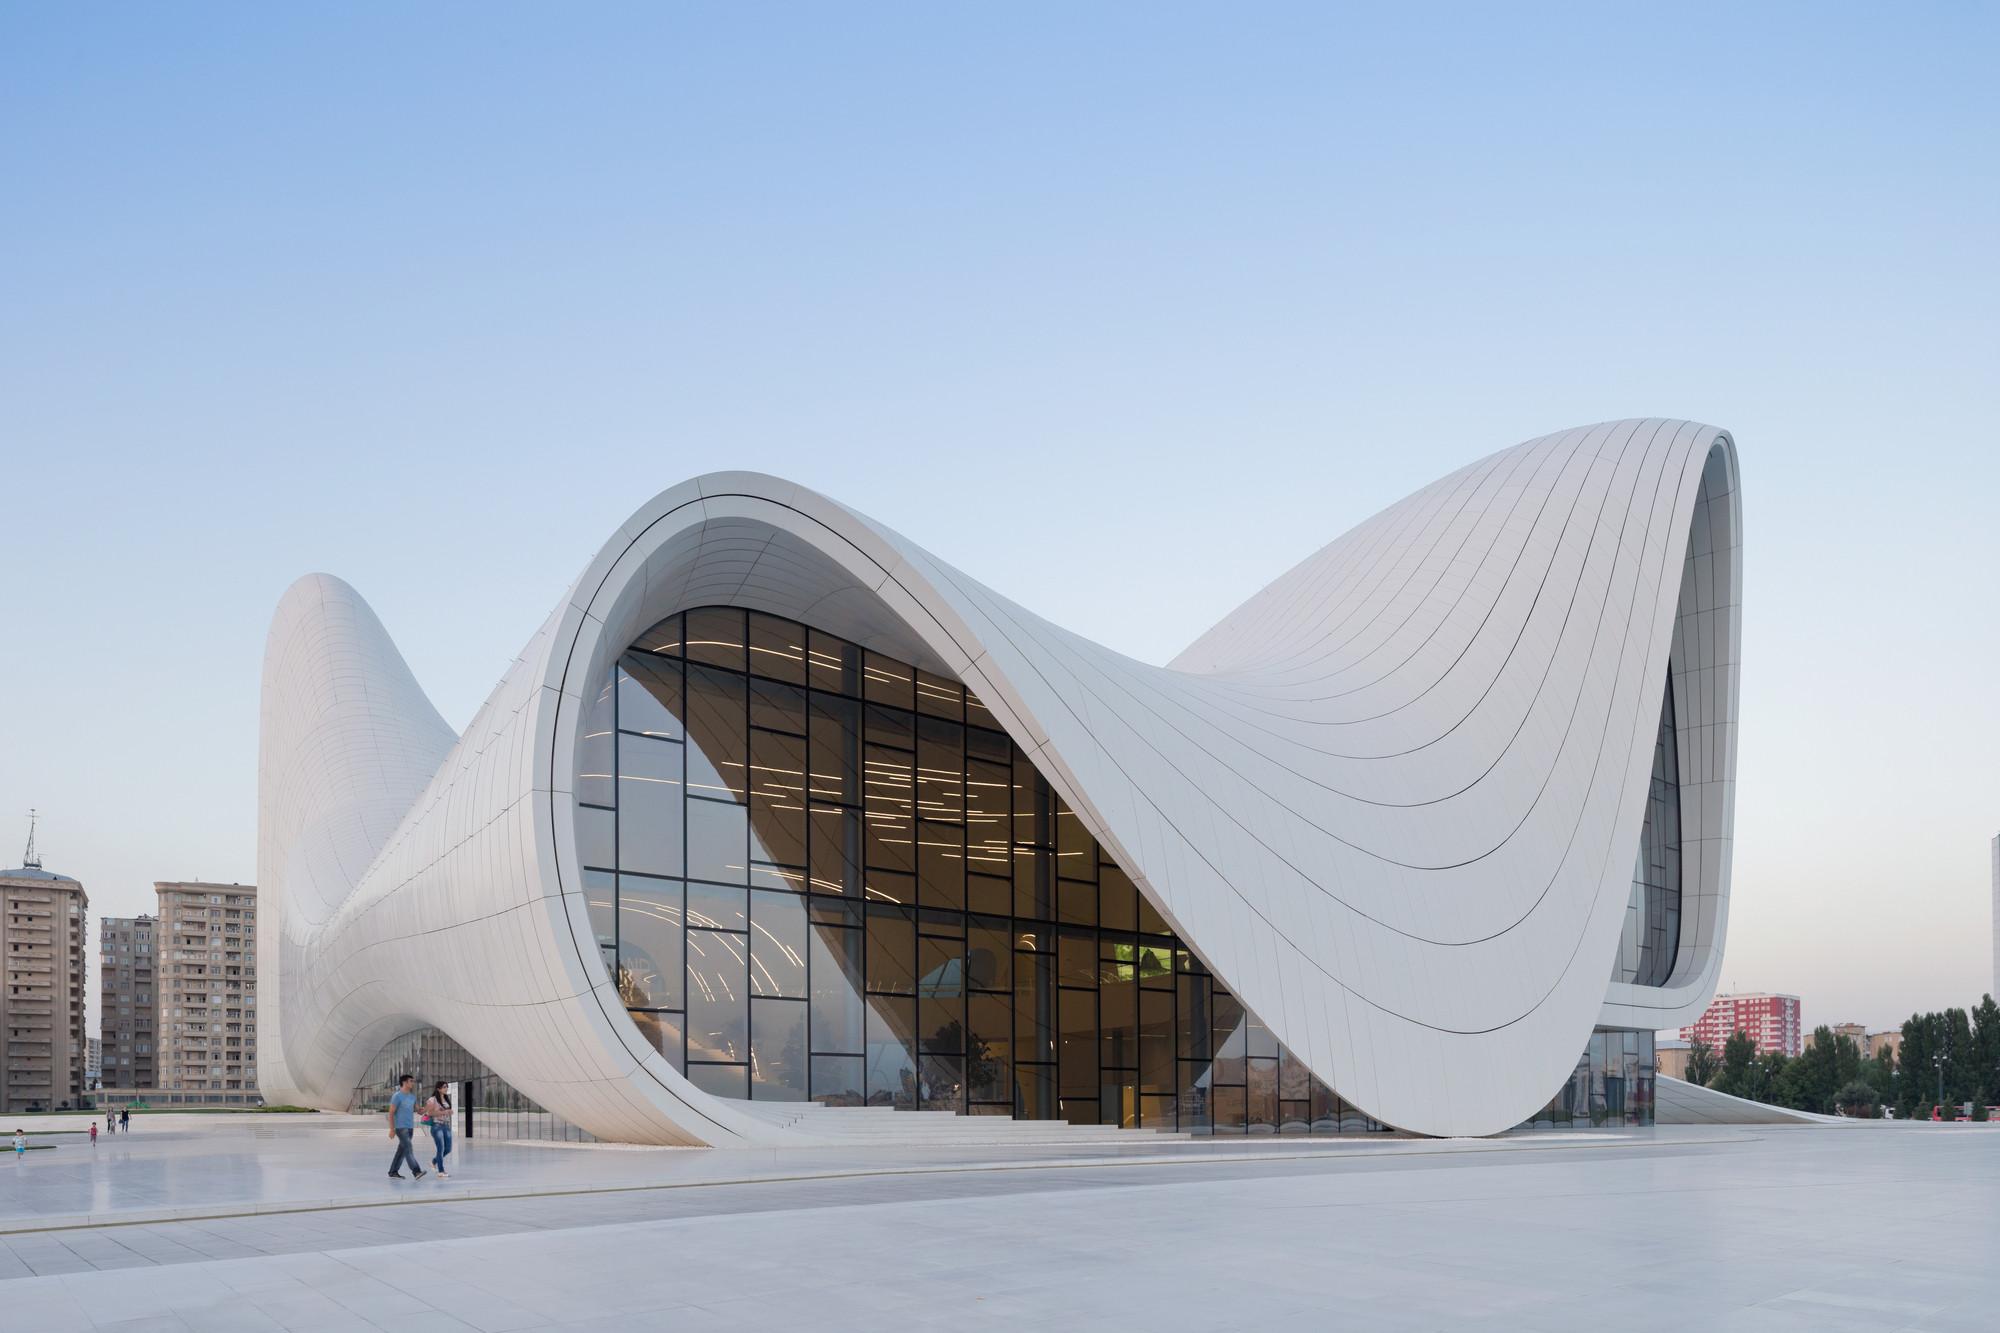 """Zaha Hadid Among 7 Shortlisted for """"Design of the Year 2014"""", Heydar Aliyev Center / Zaha Hadid Architects. Image © Iwan Baan"""